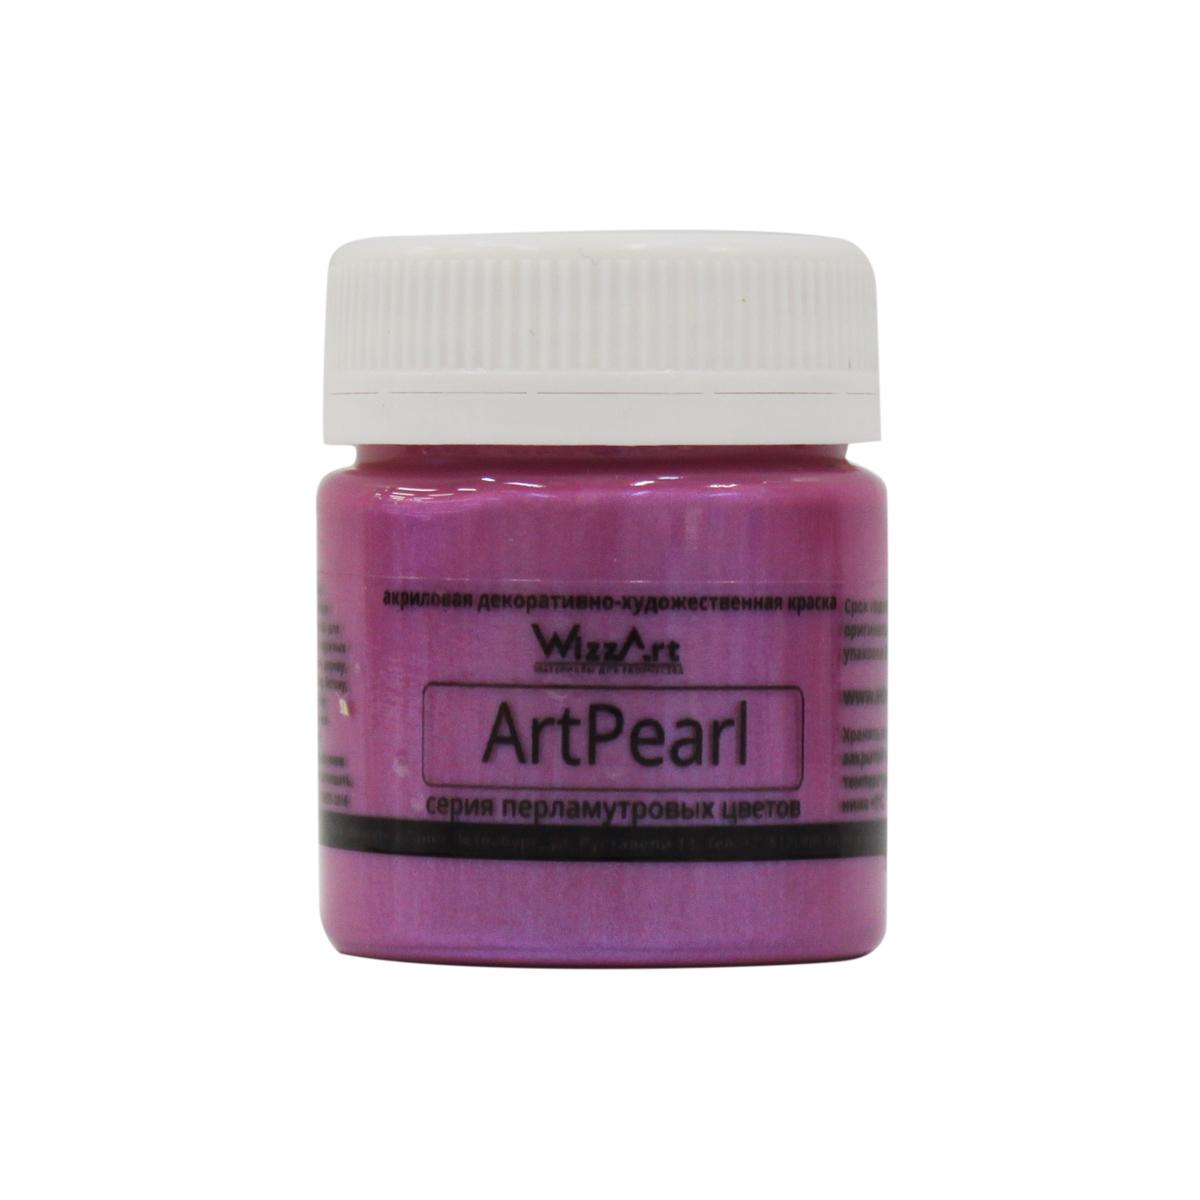 Краска акриловая Wizzart ArtPearl. Хамелеон, цвет: малиновый, 40 мл501059Линейка акриловых красок WizzArt под названием ArtPearl. Хамелеон- это широкий ассортимент оттенков. Эффект хамелеона помогает создатькрасивейшие рисунки и замечательный декор. Акриловая краска быстро высыхает, прочно держится, создает ровную и гладкую поверхность,которая красиво переливается на свету. Ее мягкое сияние придаст изюминку любому произведению декоративно-прикладного искусства. Всекраски WizzArt отлично совместимы между собой, что открывает широкие горизонты для реализации творческих идей. Ими можно декорироватьпосуду, открытки, рамки для фото, подарочные коробки, зеркала, елочные игрушки. Акриловые краски WizzArt обладают равномерной текстурой,отлично ложатся на любую обезжиренную поверхность и надежно держатся на ней после высыхания, надолго сохраняя яркость цвета иэластичность. Данные краски не содержат токсичных веществ и не имеют сильного запаха. Объем: 40 мл. Товар сертифицирован.